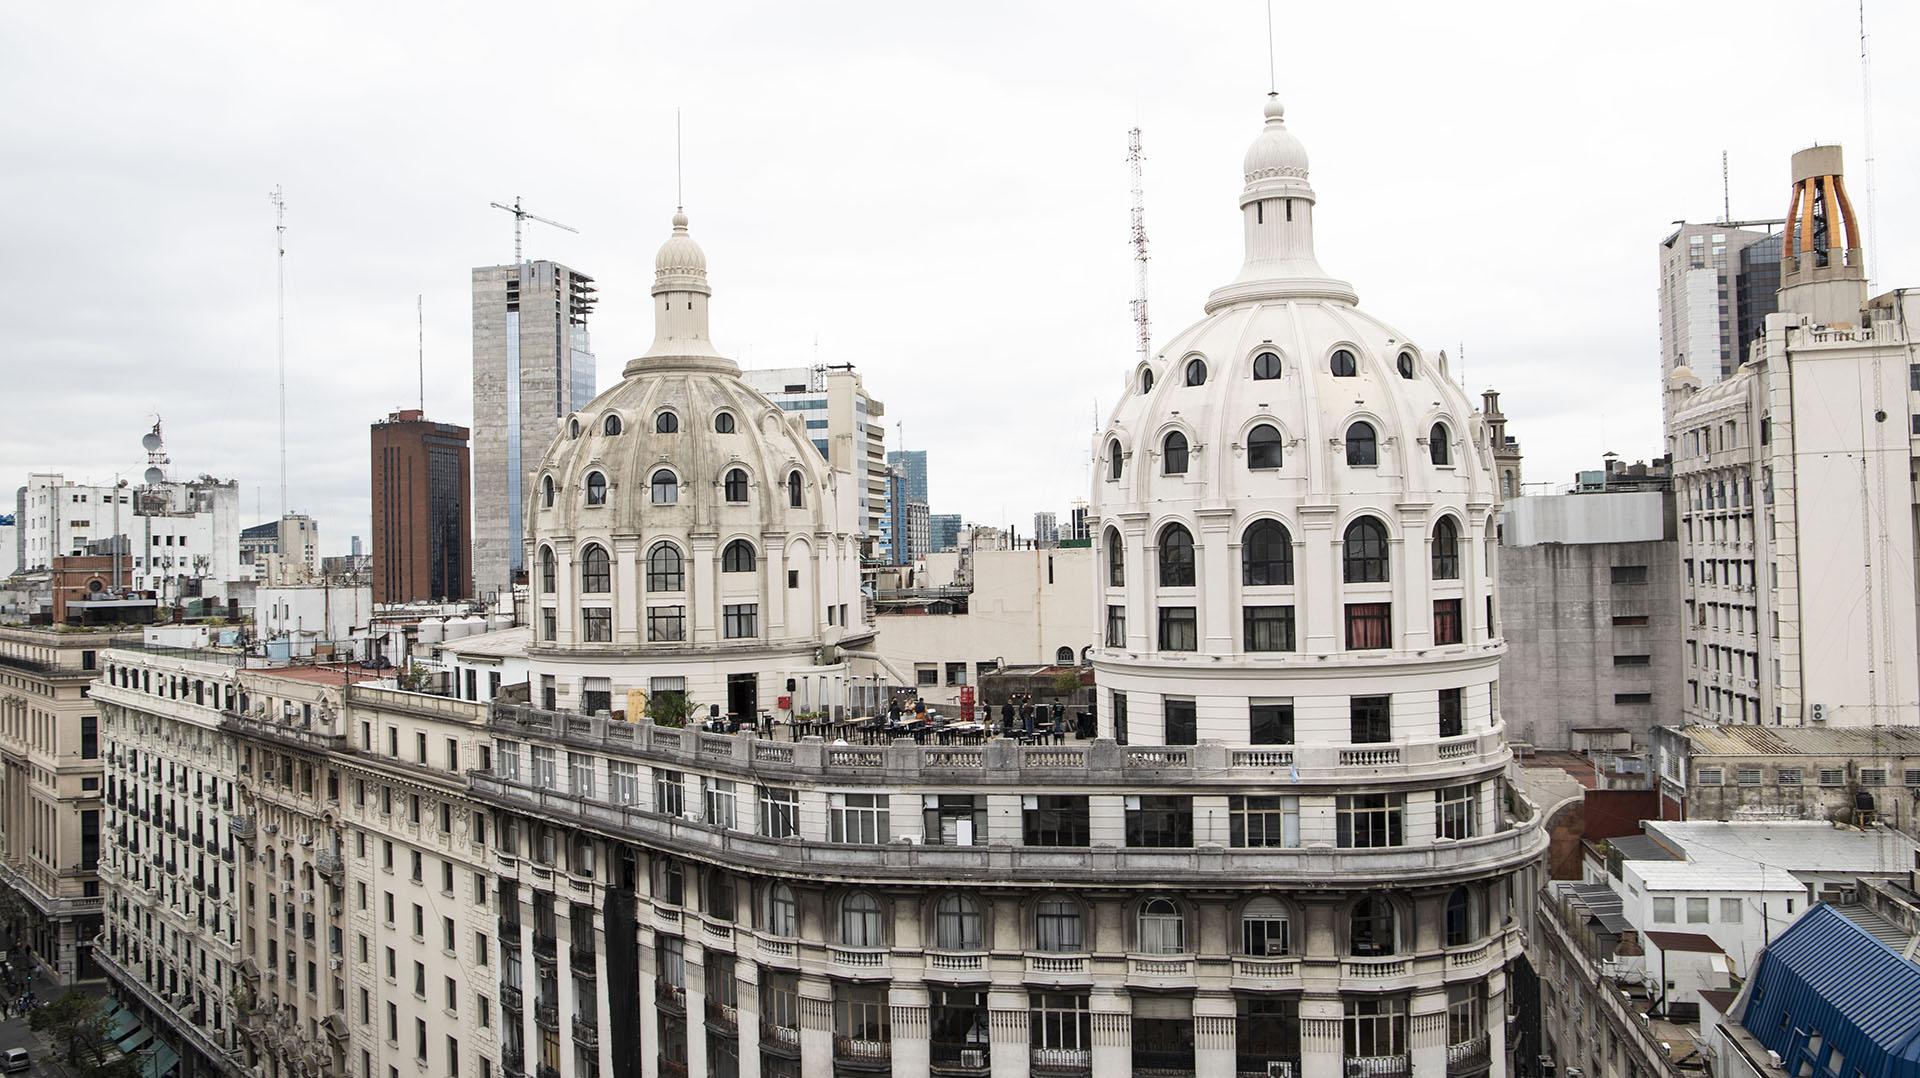 El edificio Bencich conjuga elementos del clasicismo y el academicismo francés. Su puesta en valor finalizó en junio de 2015 con la renovación de una de sus dos cúpulas (Lihue Althabe)